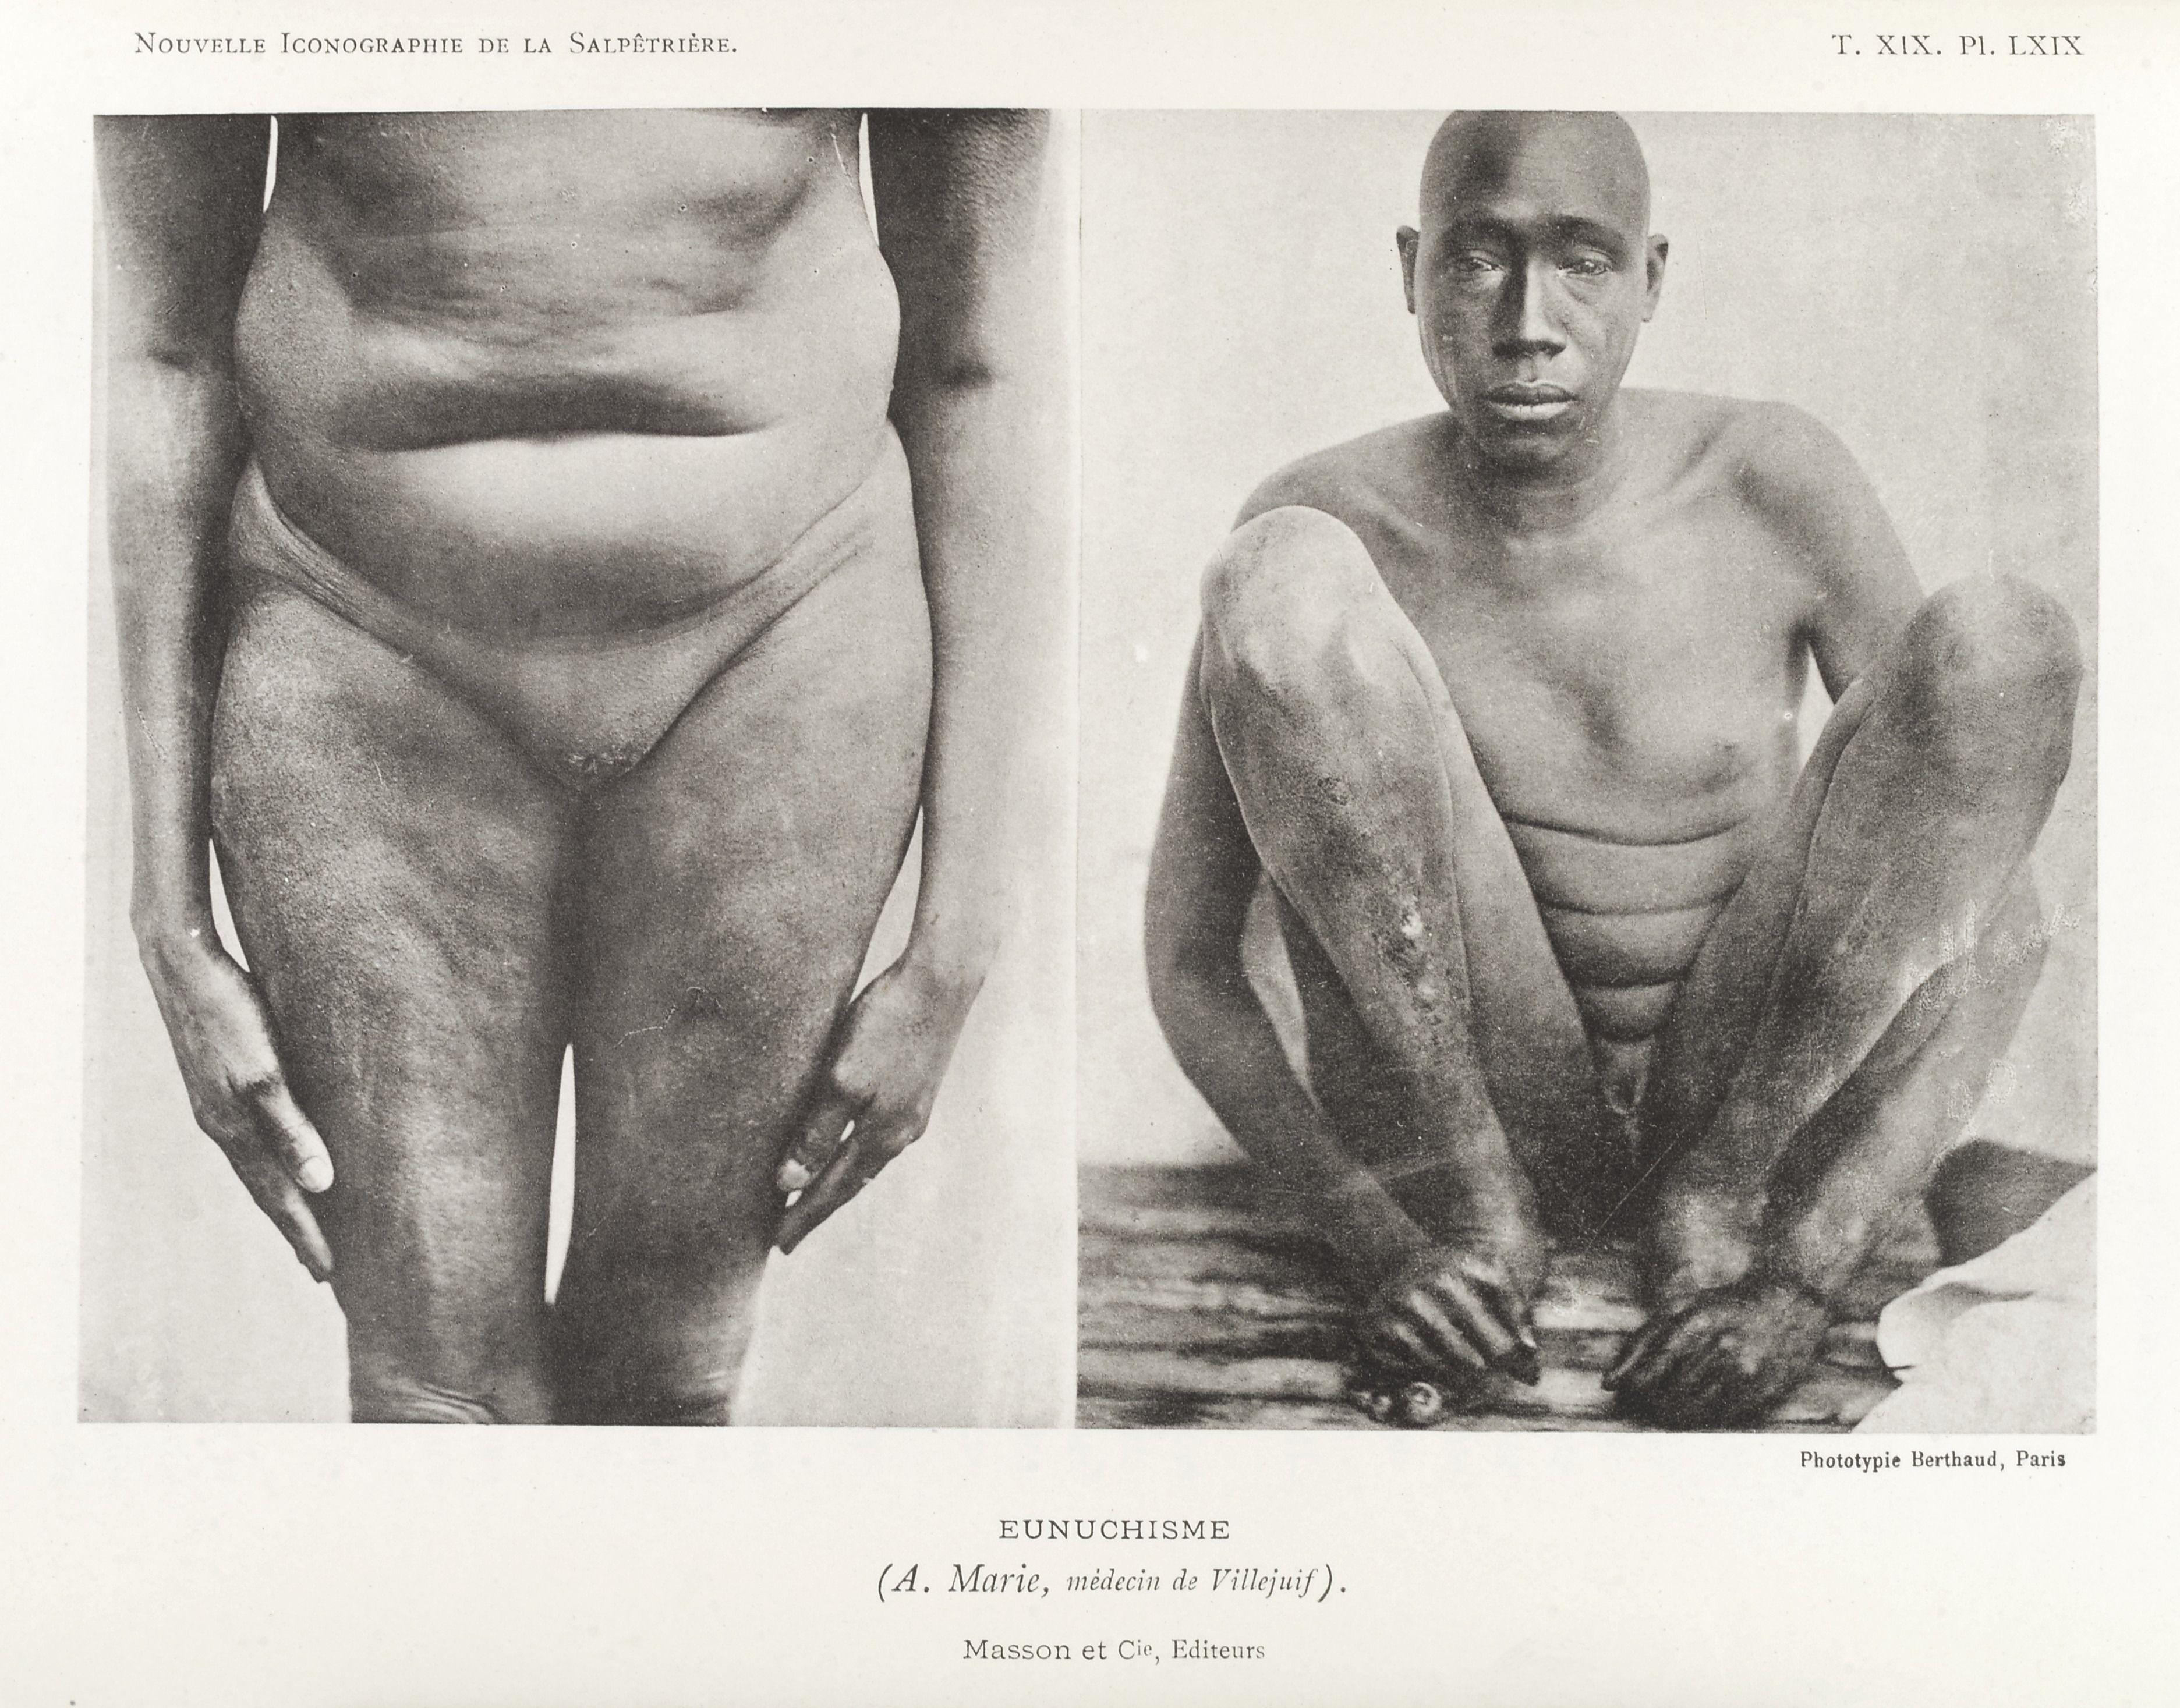 фото унижения мужчин